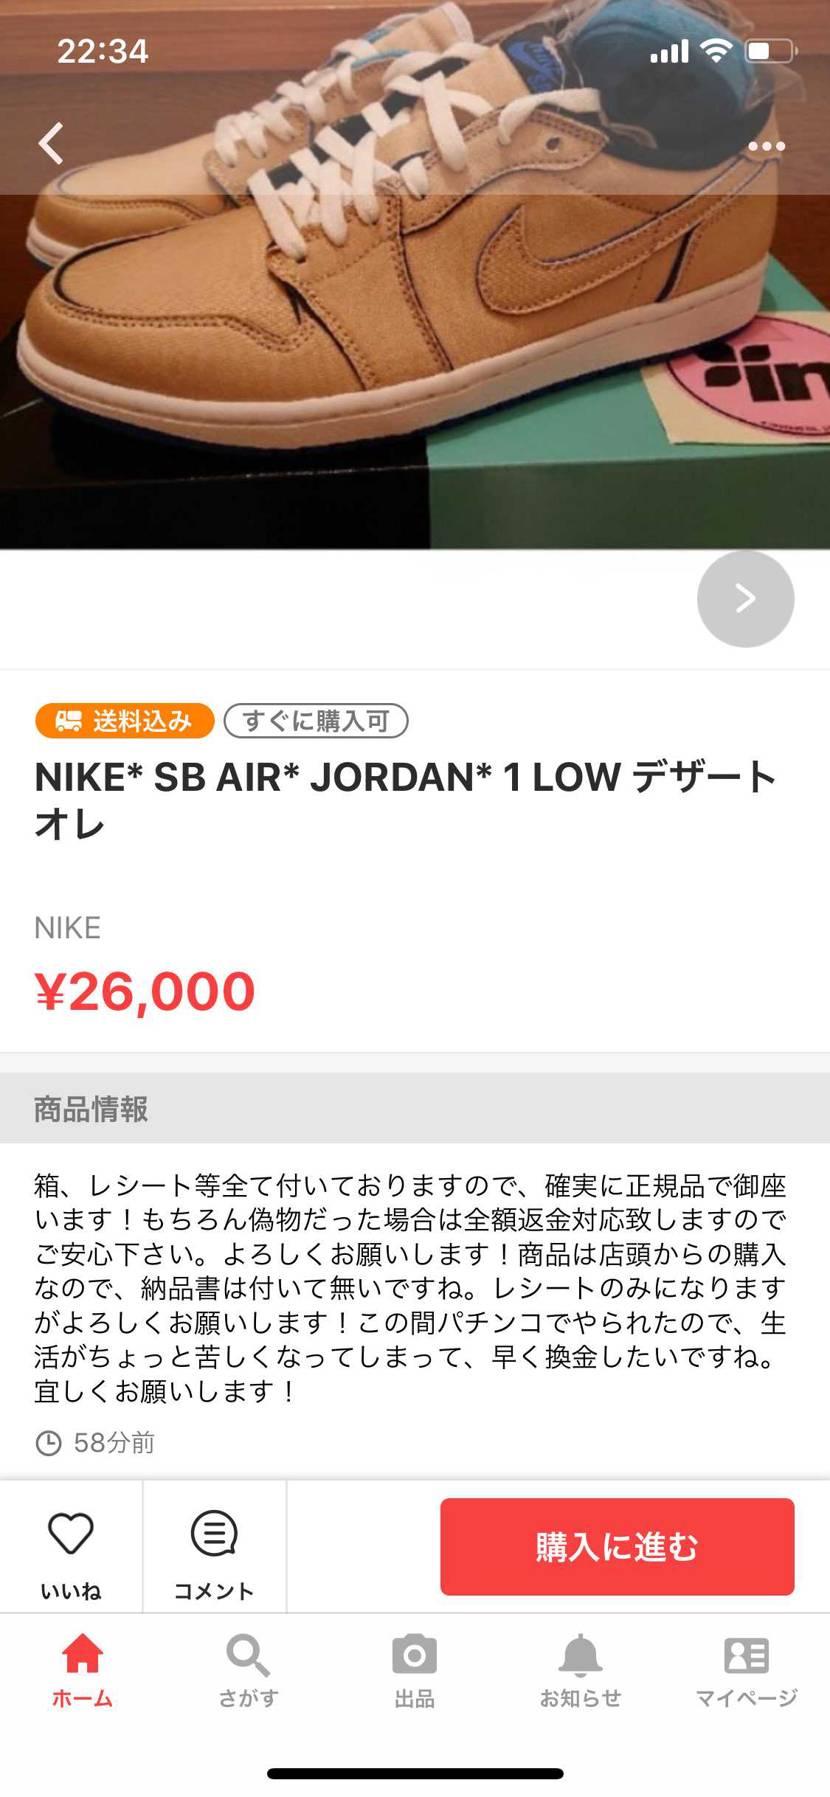 商品情報で笑ってたら大阪の評価0だった😡